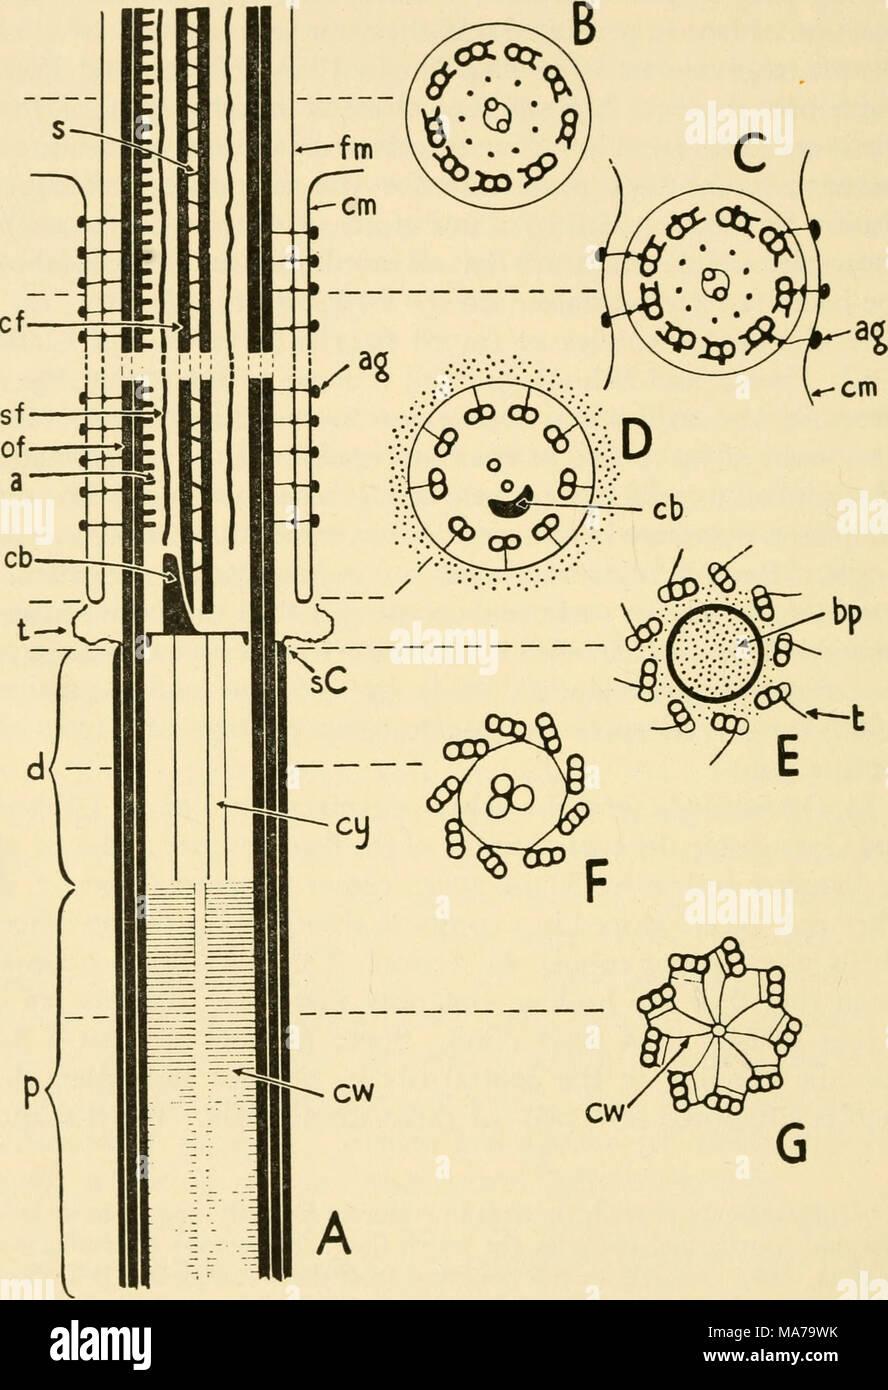 Electrón Estructura Microscópica De Protozoos El Texto De